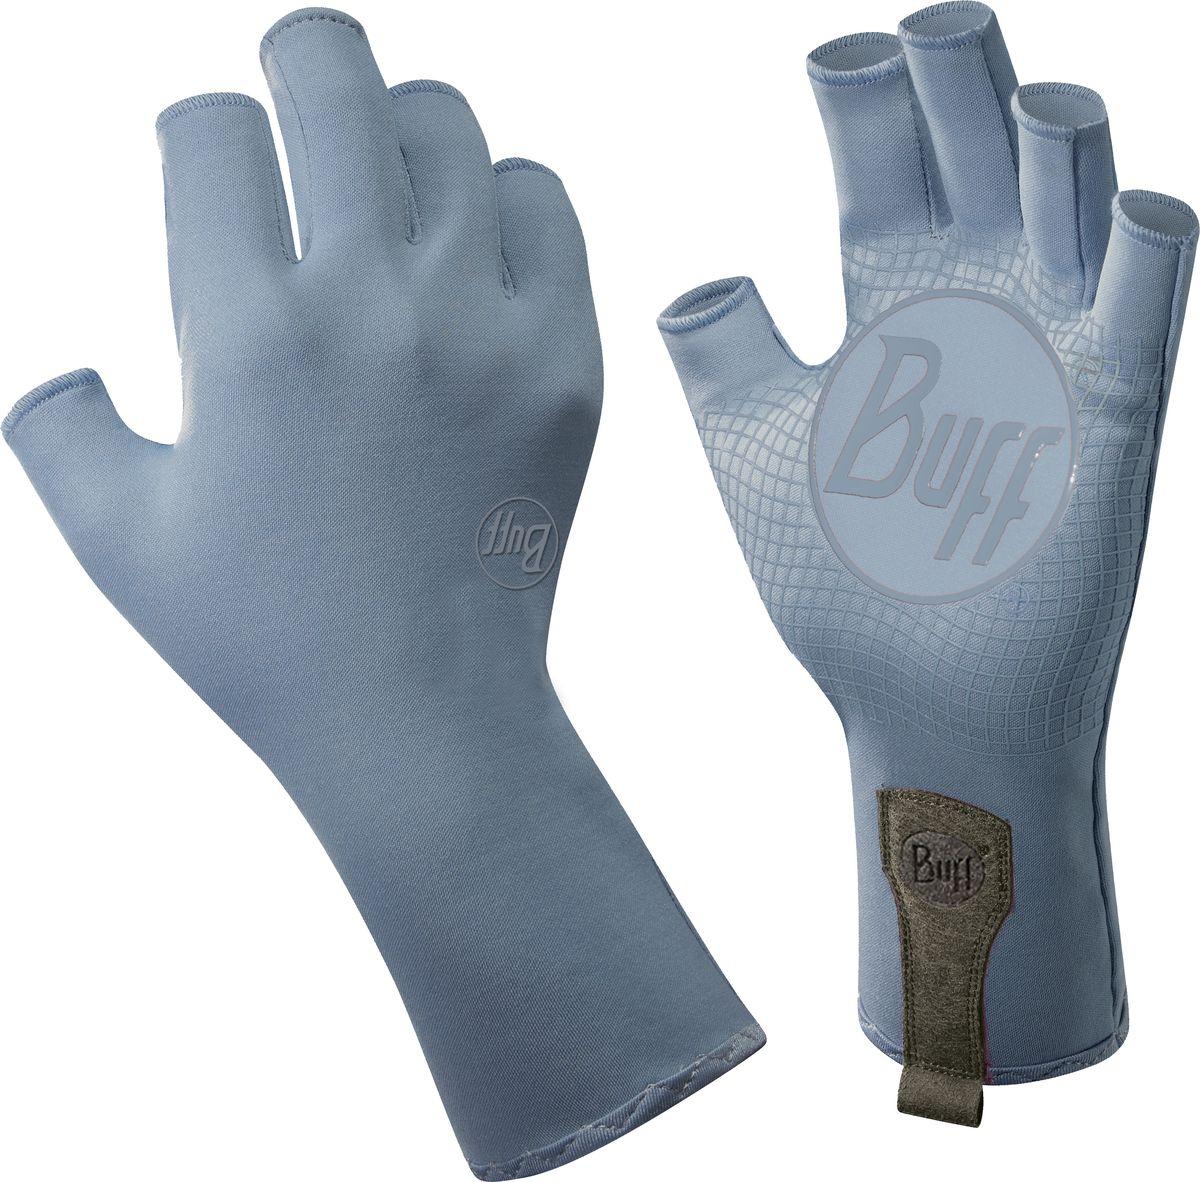 Перчатки рыболовные Watter GlovesWatter Gloves Glacier BlueТехнологичные рыболовные перчатки с фактором защиты от солнца UPF 50+, прекрасно дышат. Выполнены из прочной стрейтчевой ткани. Повторяют все изгибы кисти. Ладонь перчатки покрыта силиконовым принтом. Пальцы перчатки отрезаны на 3/4. Удлиненная манжета. Состав: 95% нейлон, 5% лайкра; принт на ладони: 100% силикон, трикотаж